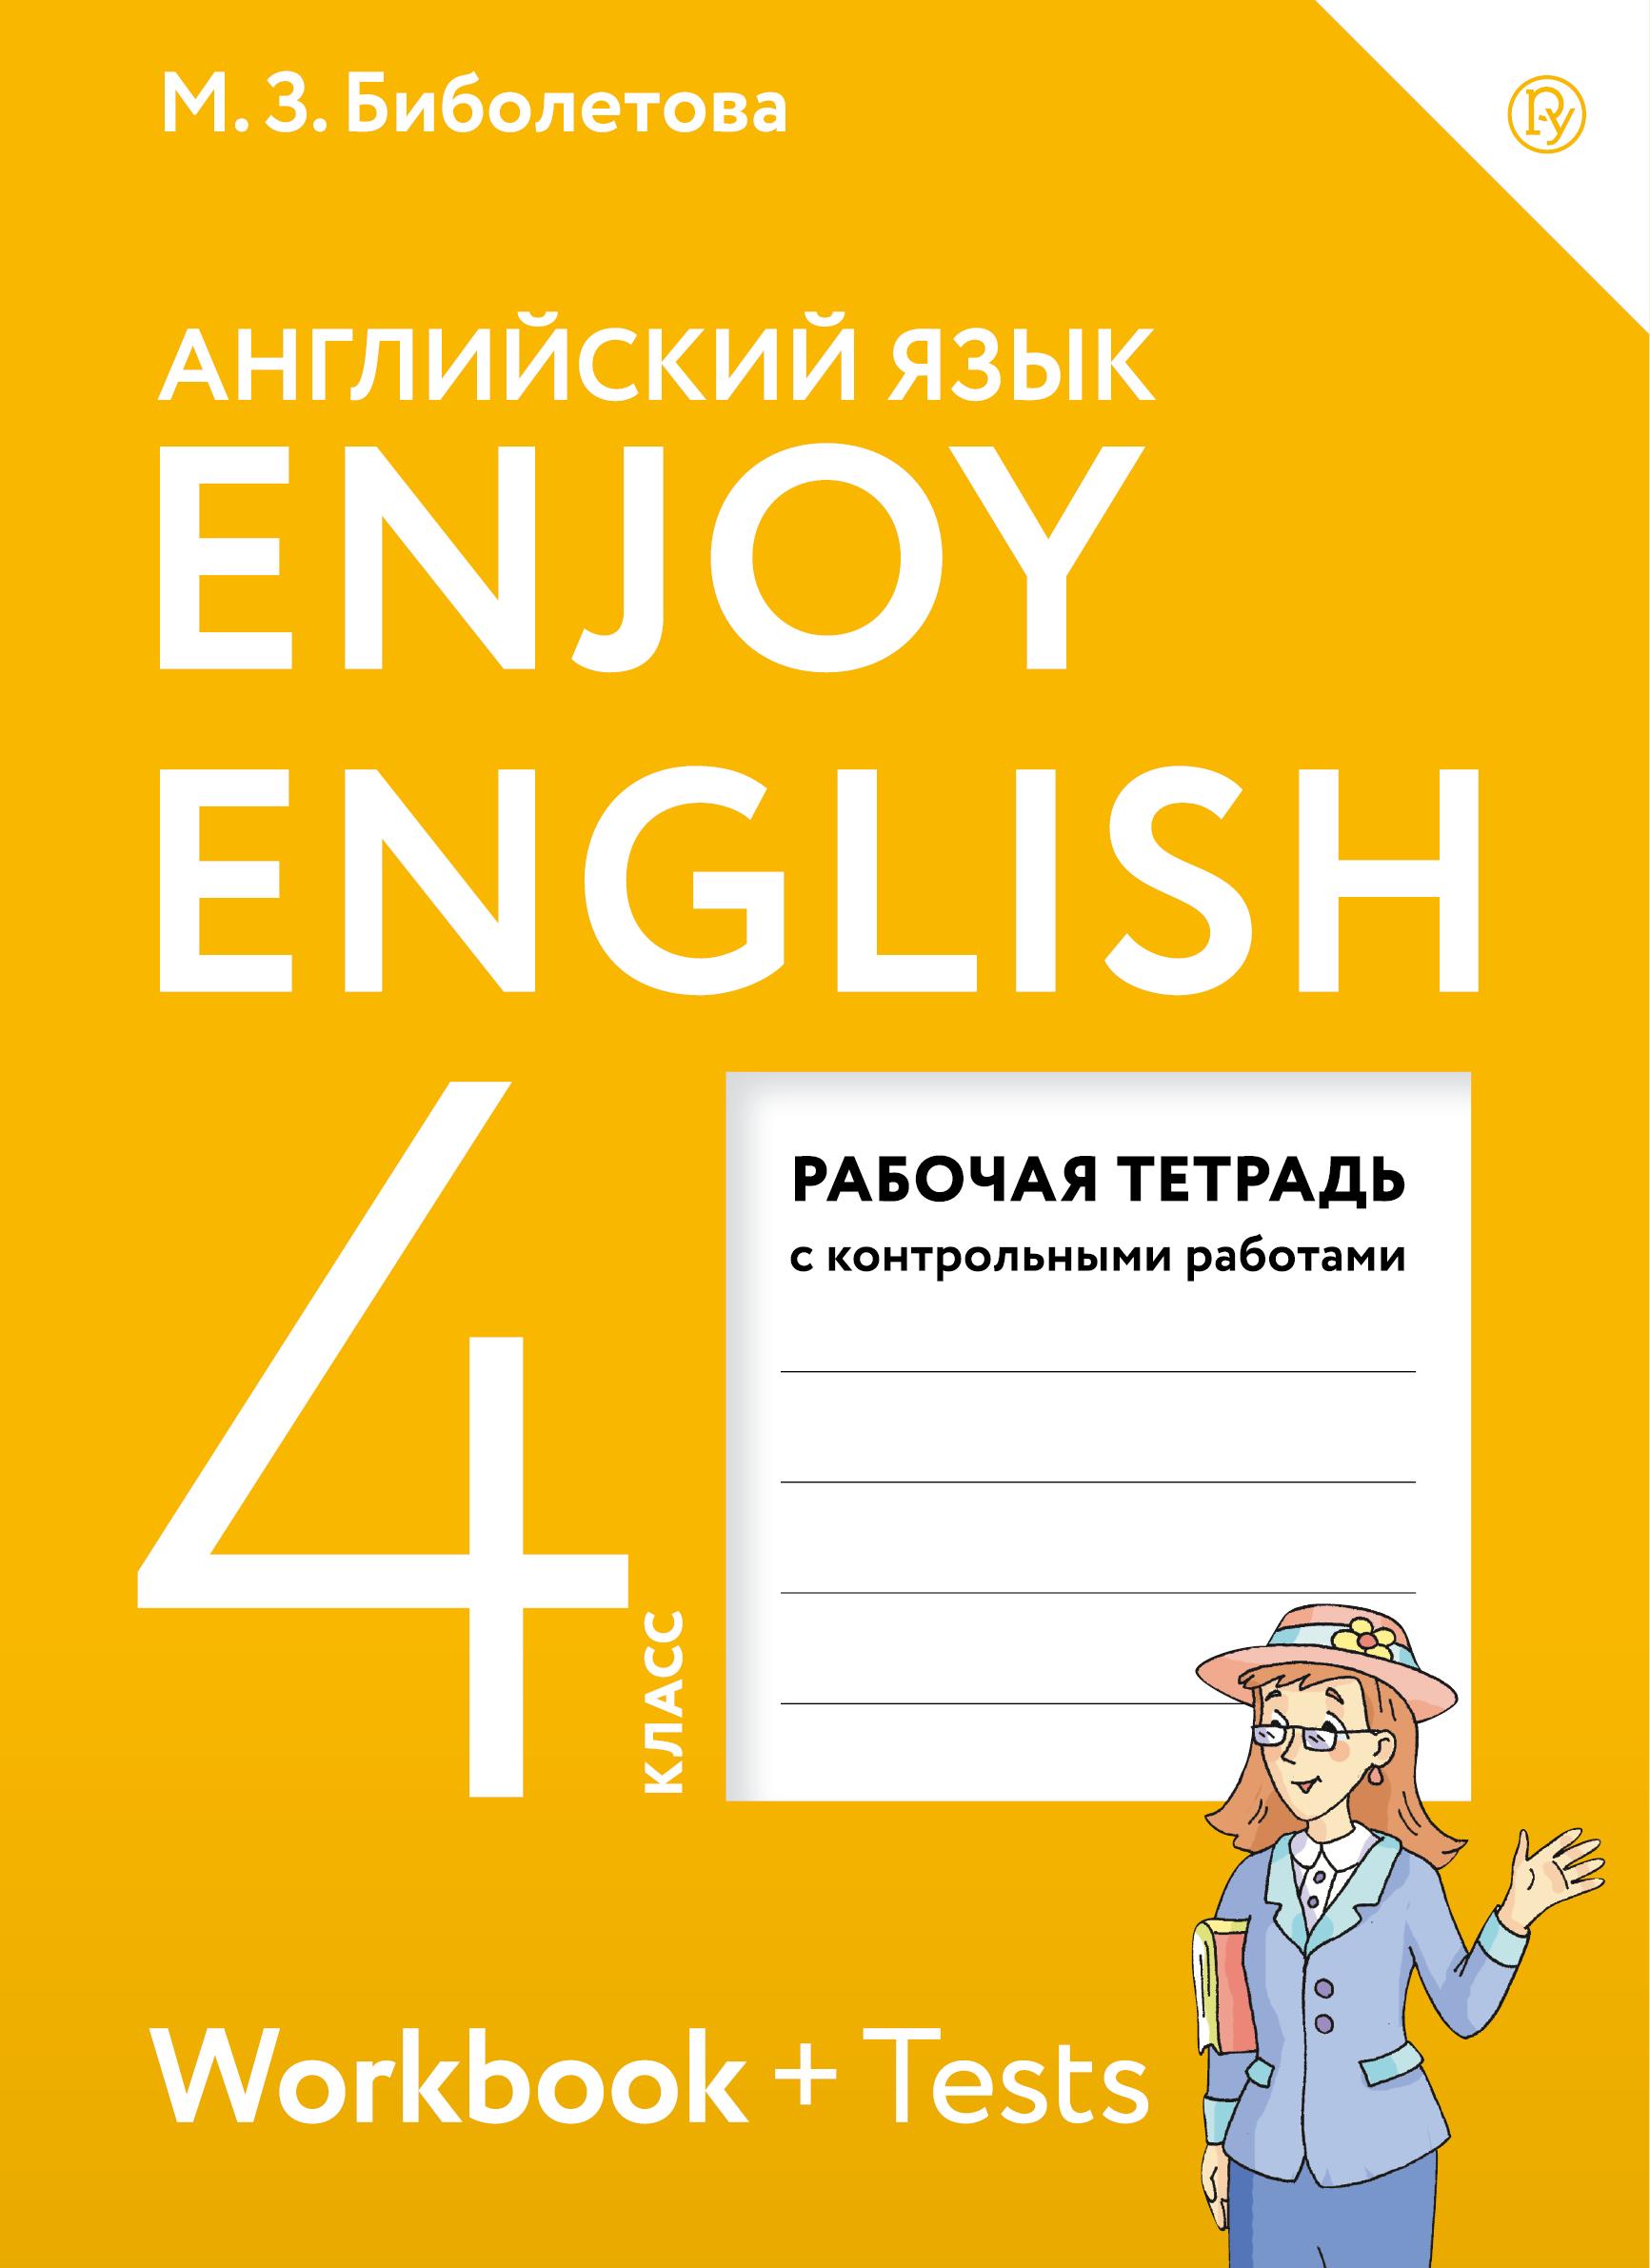 Биболетова М.З. Enjoy English/Английский с удовольствием. 4 класс. Рабочая тетрадь знаток книга english говорящий букварь рабочая тетрадь